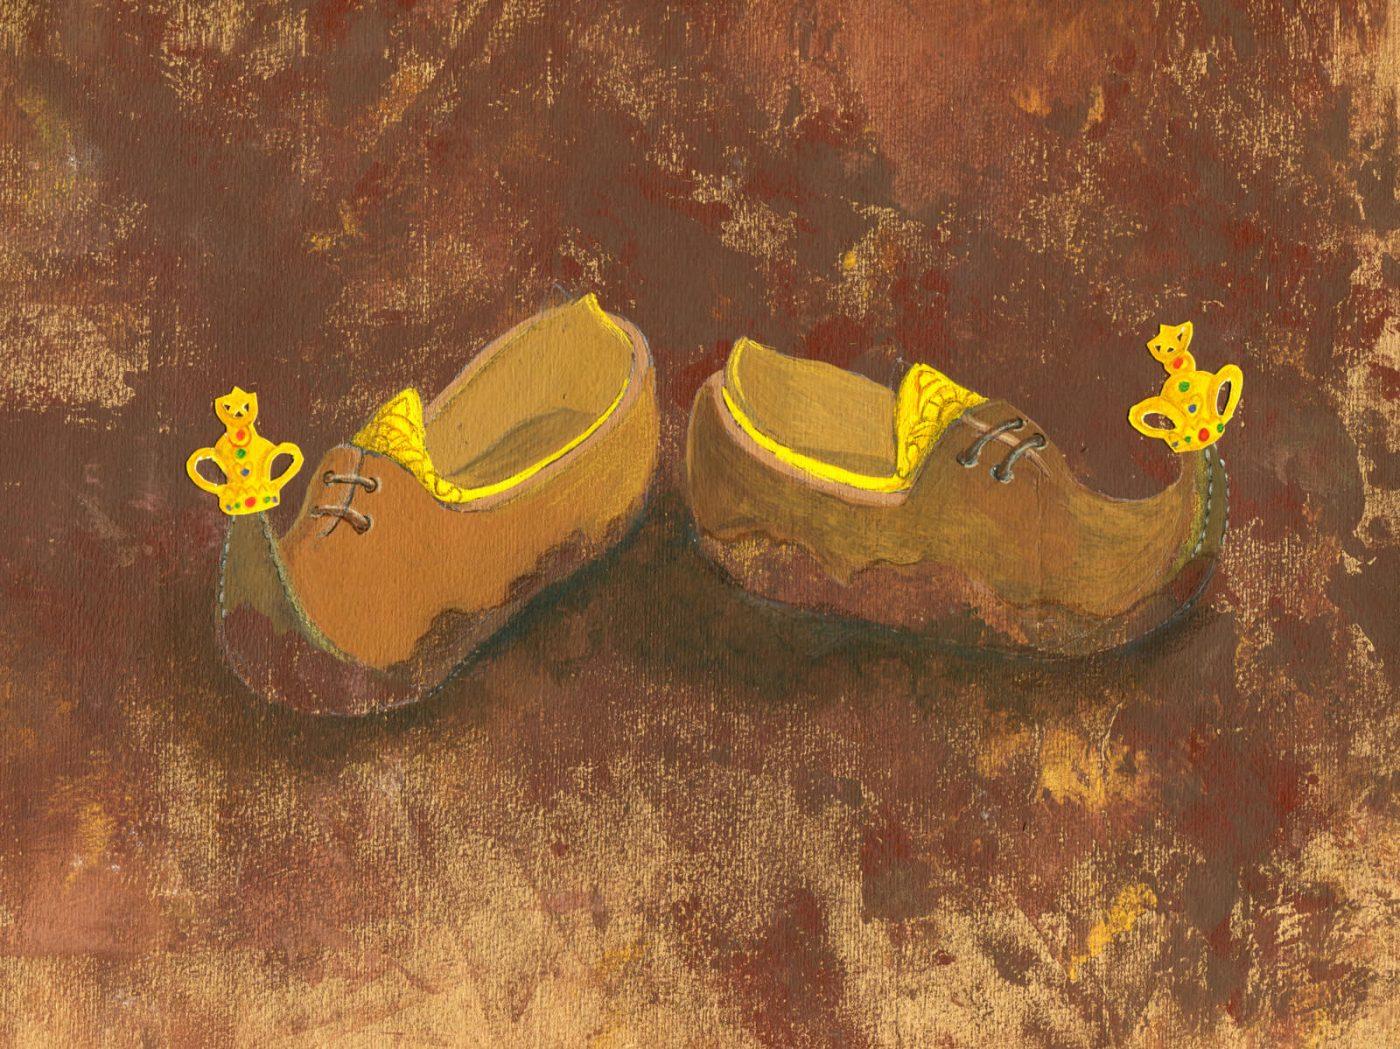 נעליים ספרותיות – נעלי השולטן